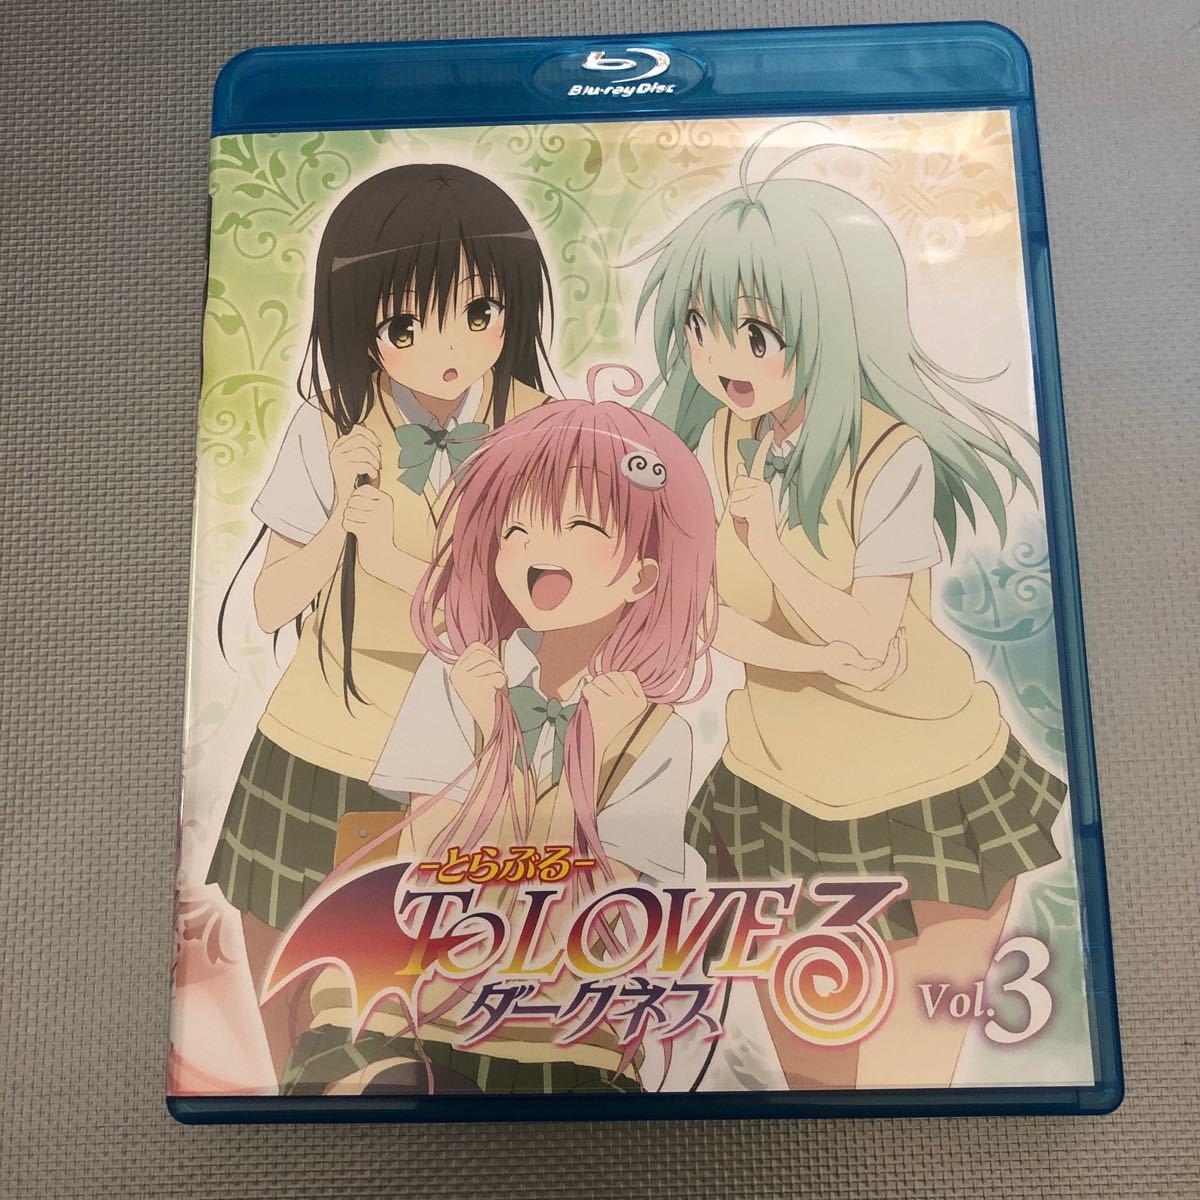 Blu-ray とらぶる ToLOVEるダークネスVol.3